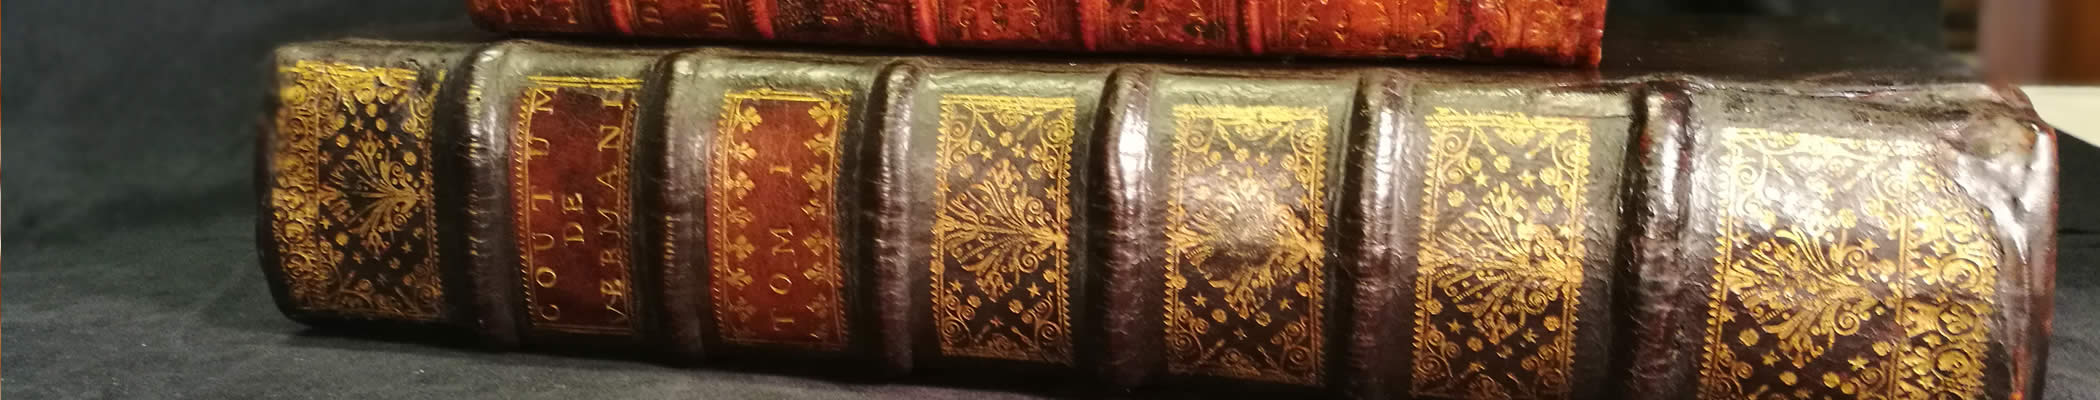 Atelier de restauration de livres anciens